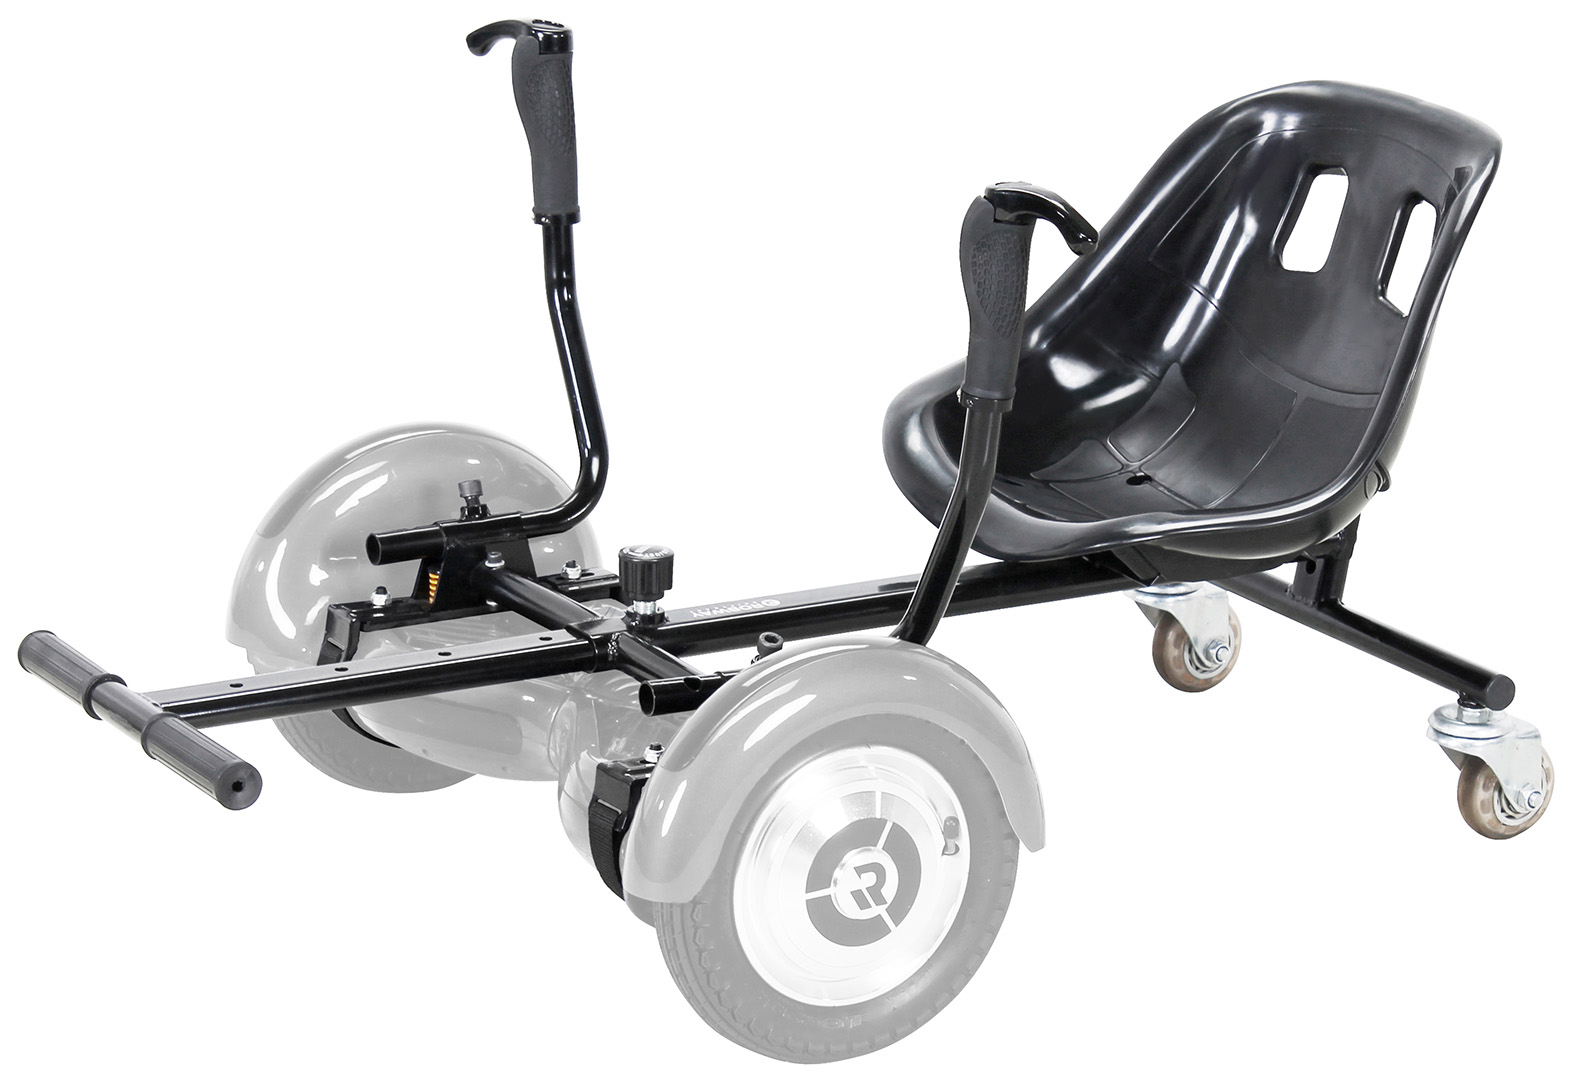 testsieger self balancing scooter hoverboards von. Black Bedroom Furniture Sets. Home Design Ideas